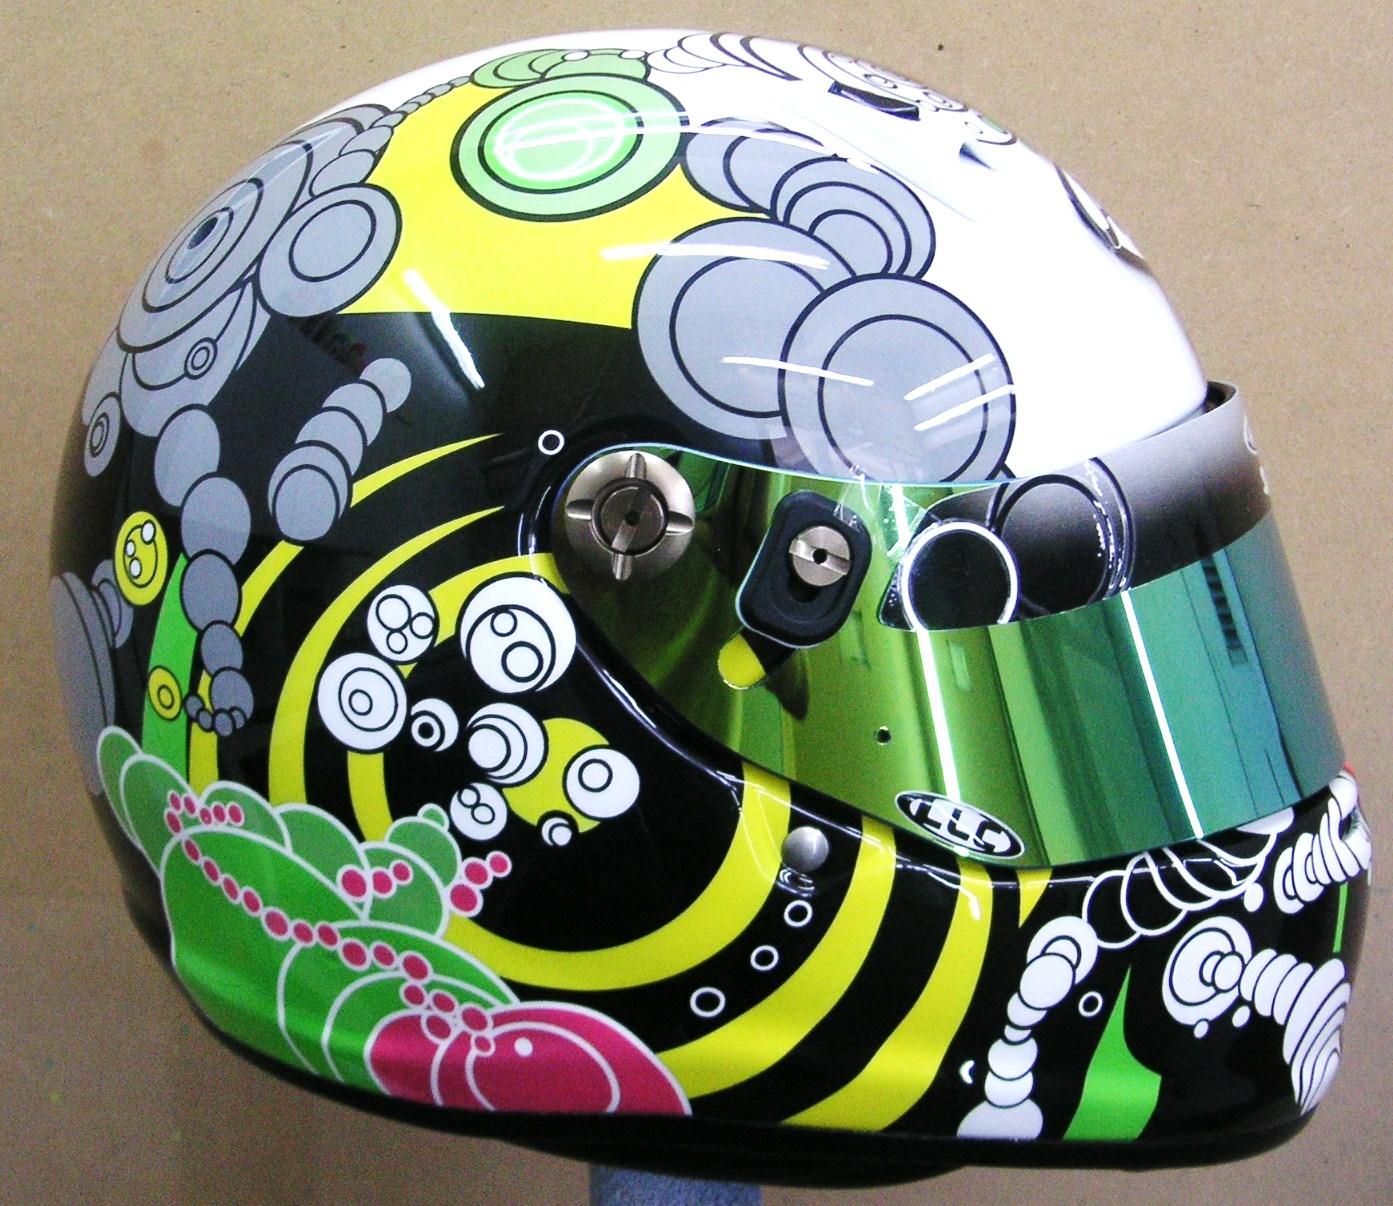 Arai Custom Design Kart Helmet 150 Hand Painted Helmets